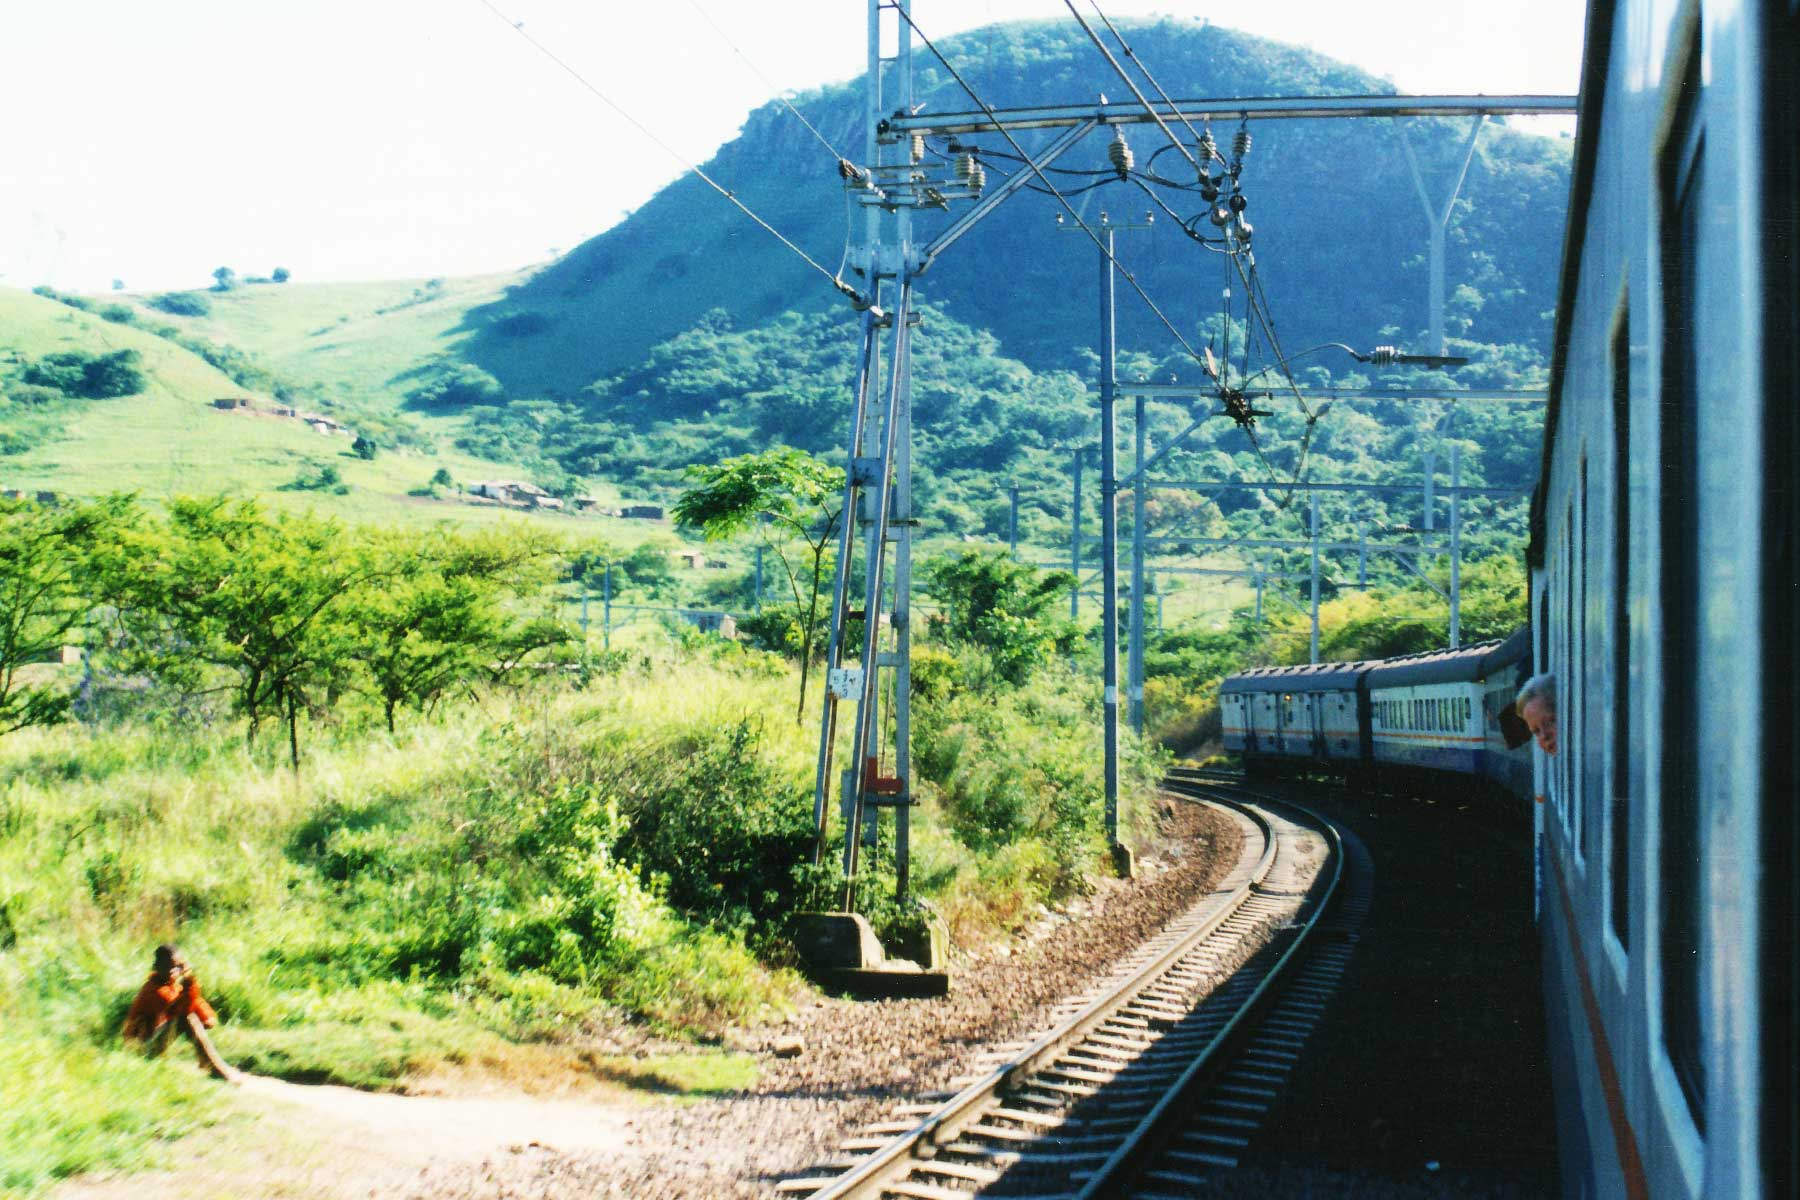 Trans-Karoo | South Africa Train | Johannesburg | Steven Andrew Martin | Study Abroad Journal | Dr. Steven Martin